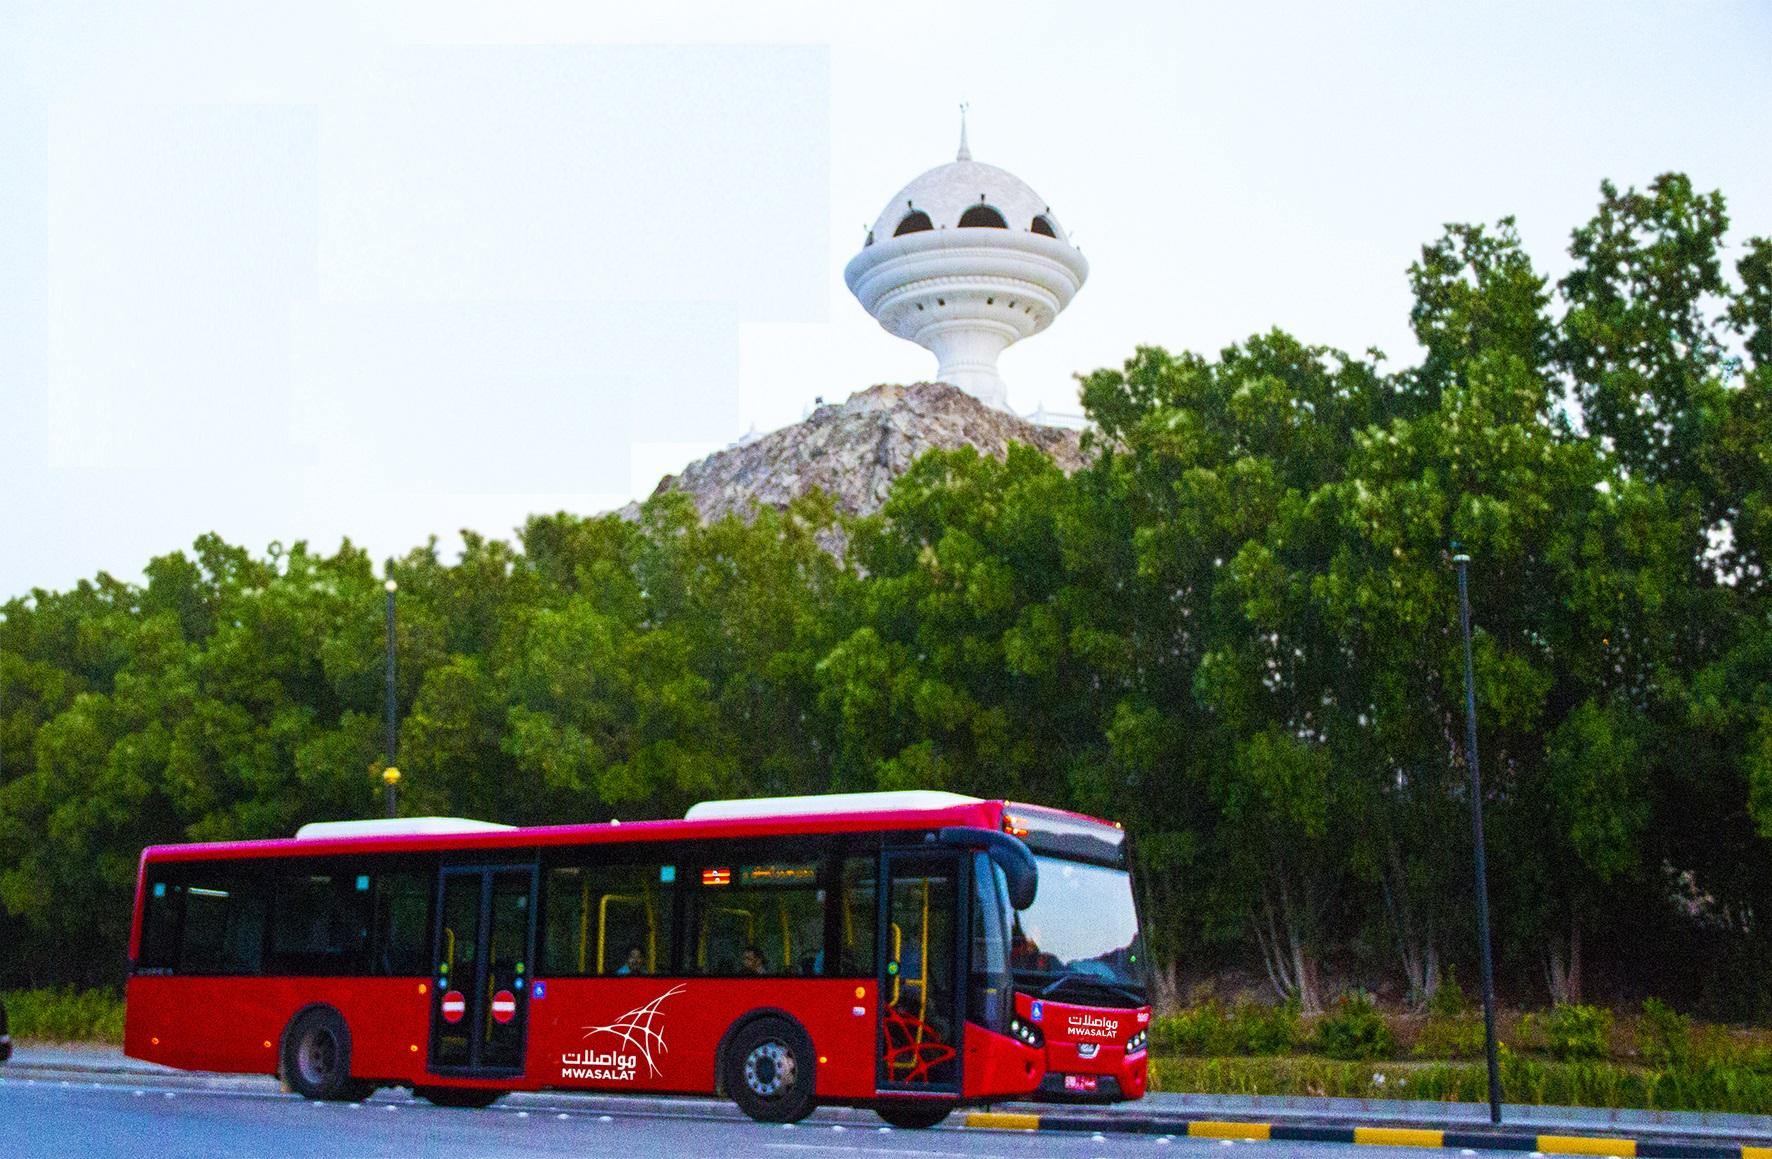 الكشف عن تفاصيل استراتيجية النقل العام بالسلطنة.. الأربعاء المقبل